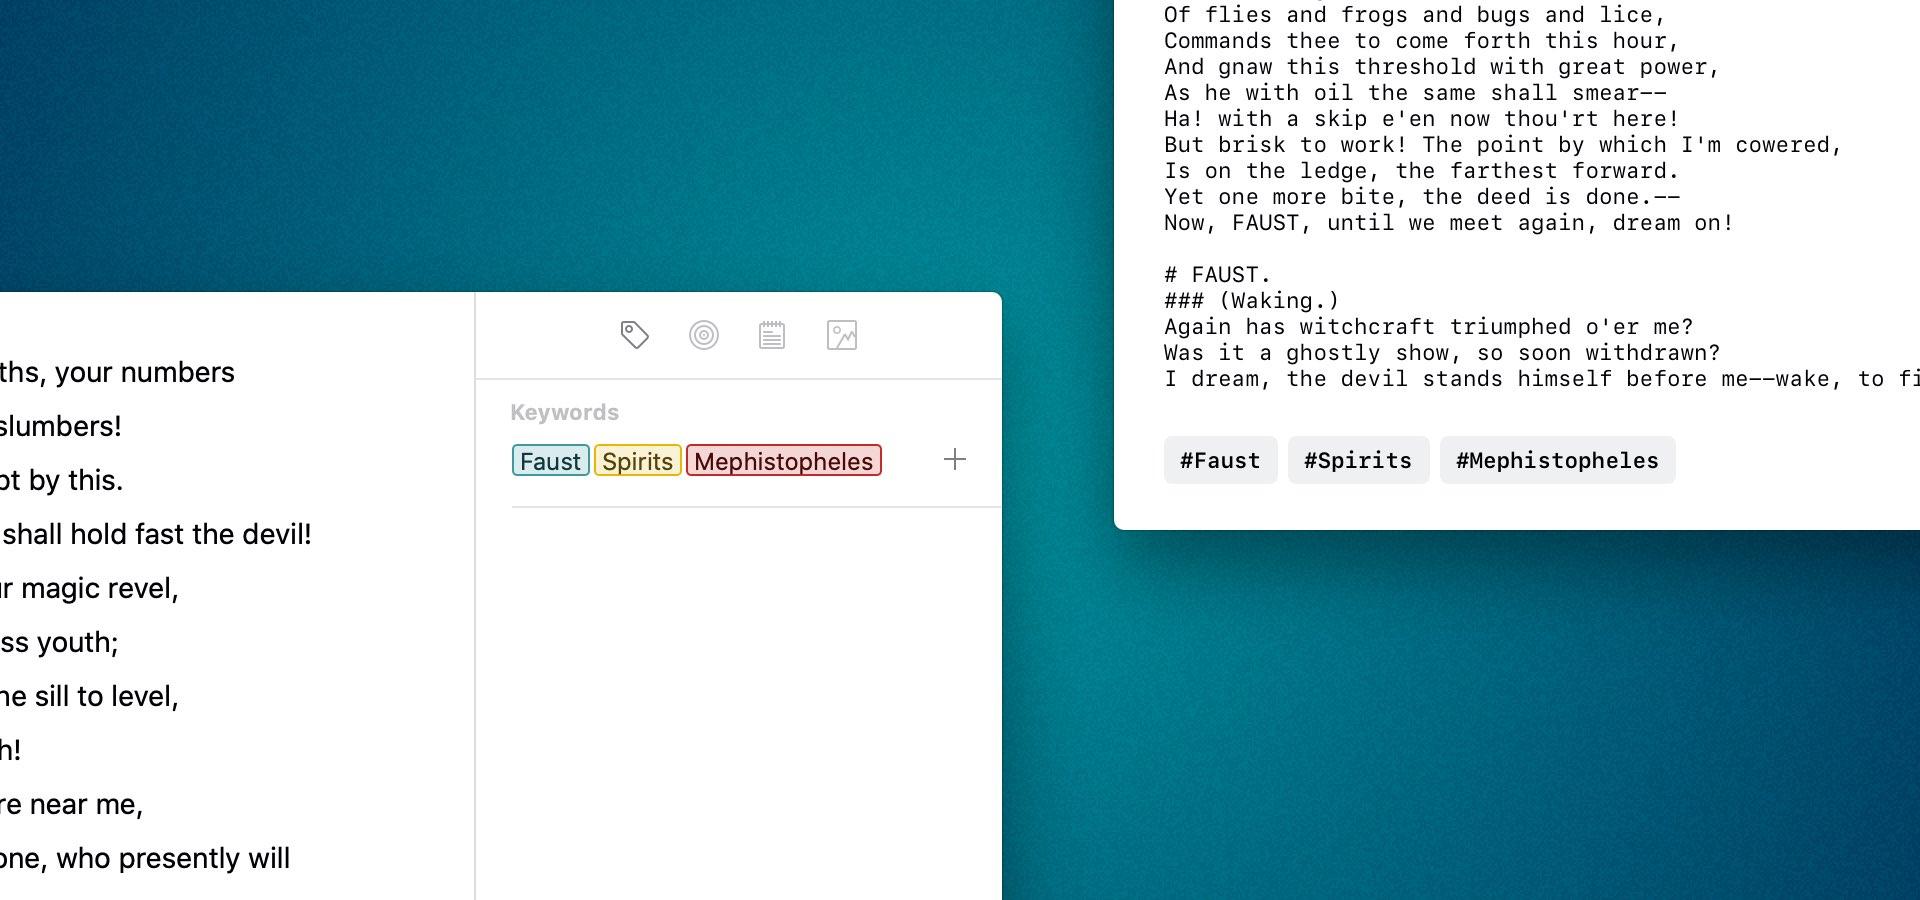 Viết ứng dụng Ulysses được cập nhật với hỗ trợ iPad TouchPad, từ khóa, tài liệu và hơn thế nữa 2